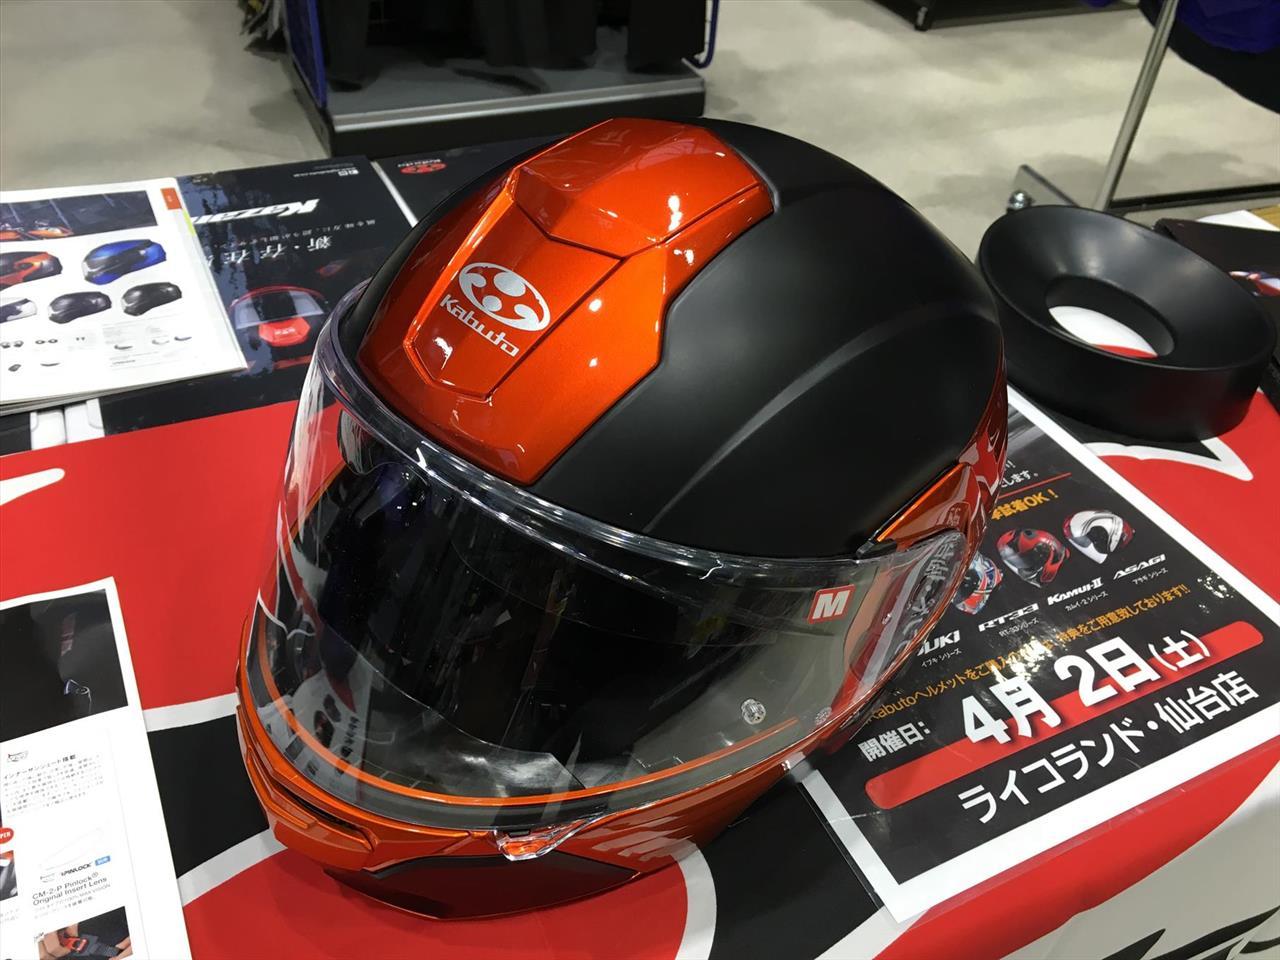 発売前のogkヘルメット kazami を触ってきた vigor2000のブログ